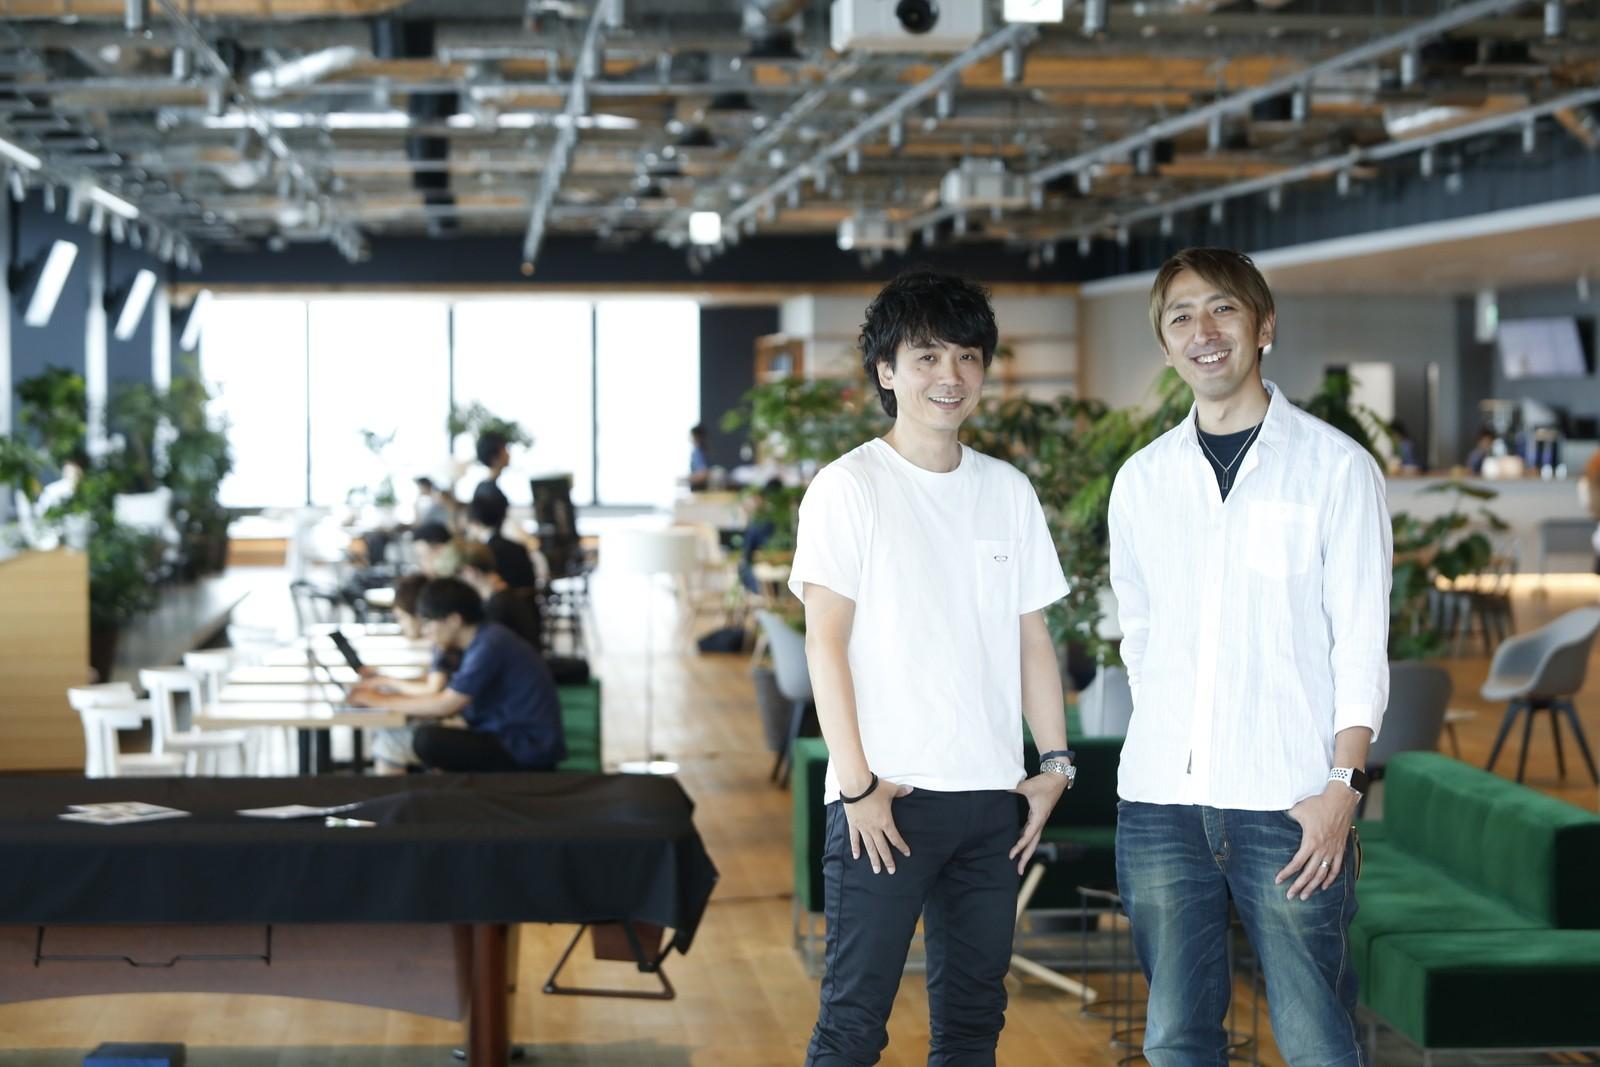 【プロジェクトマネジャー/東京オフィス】LINEの新たな挑戦 LINE GTプロジェクトマネジャー